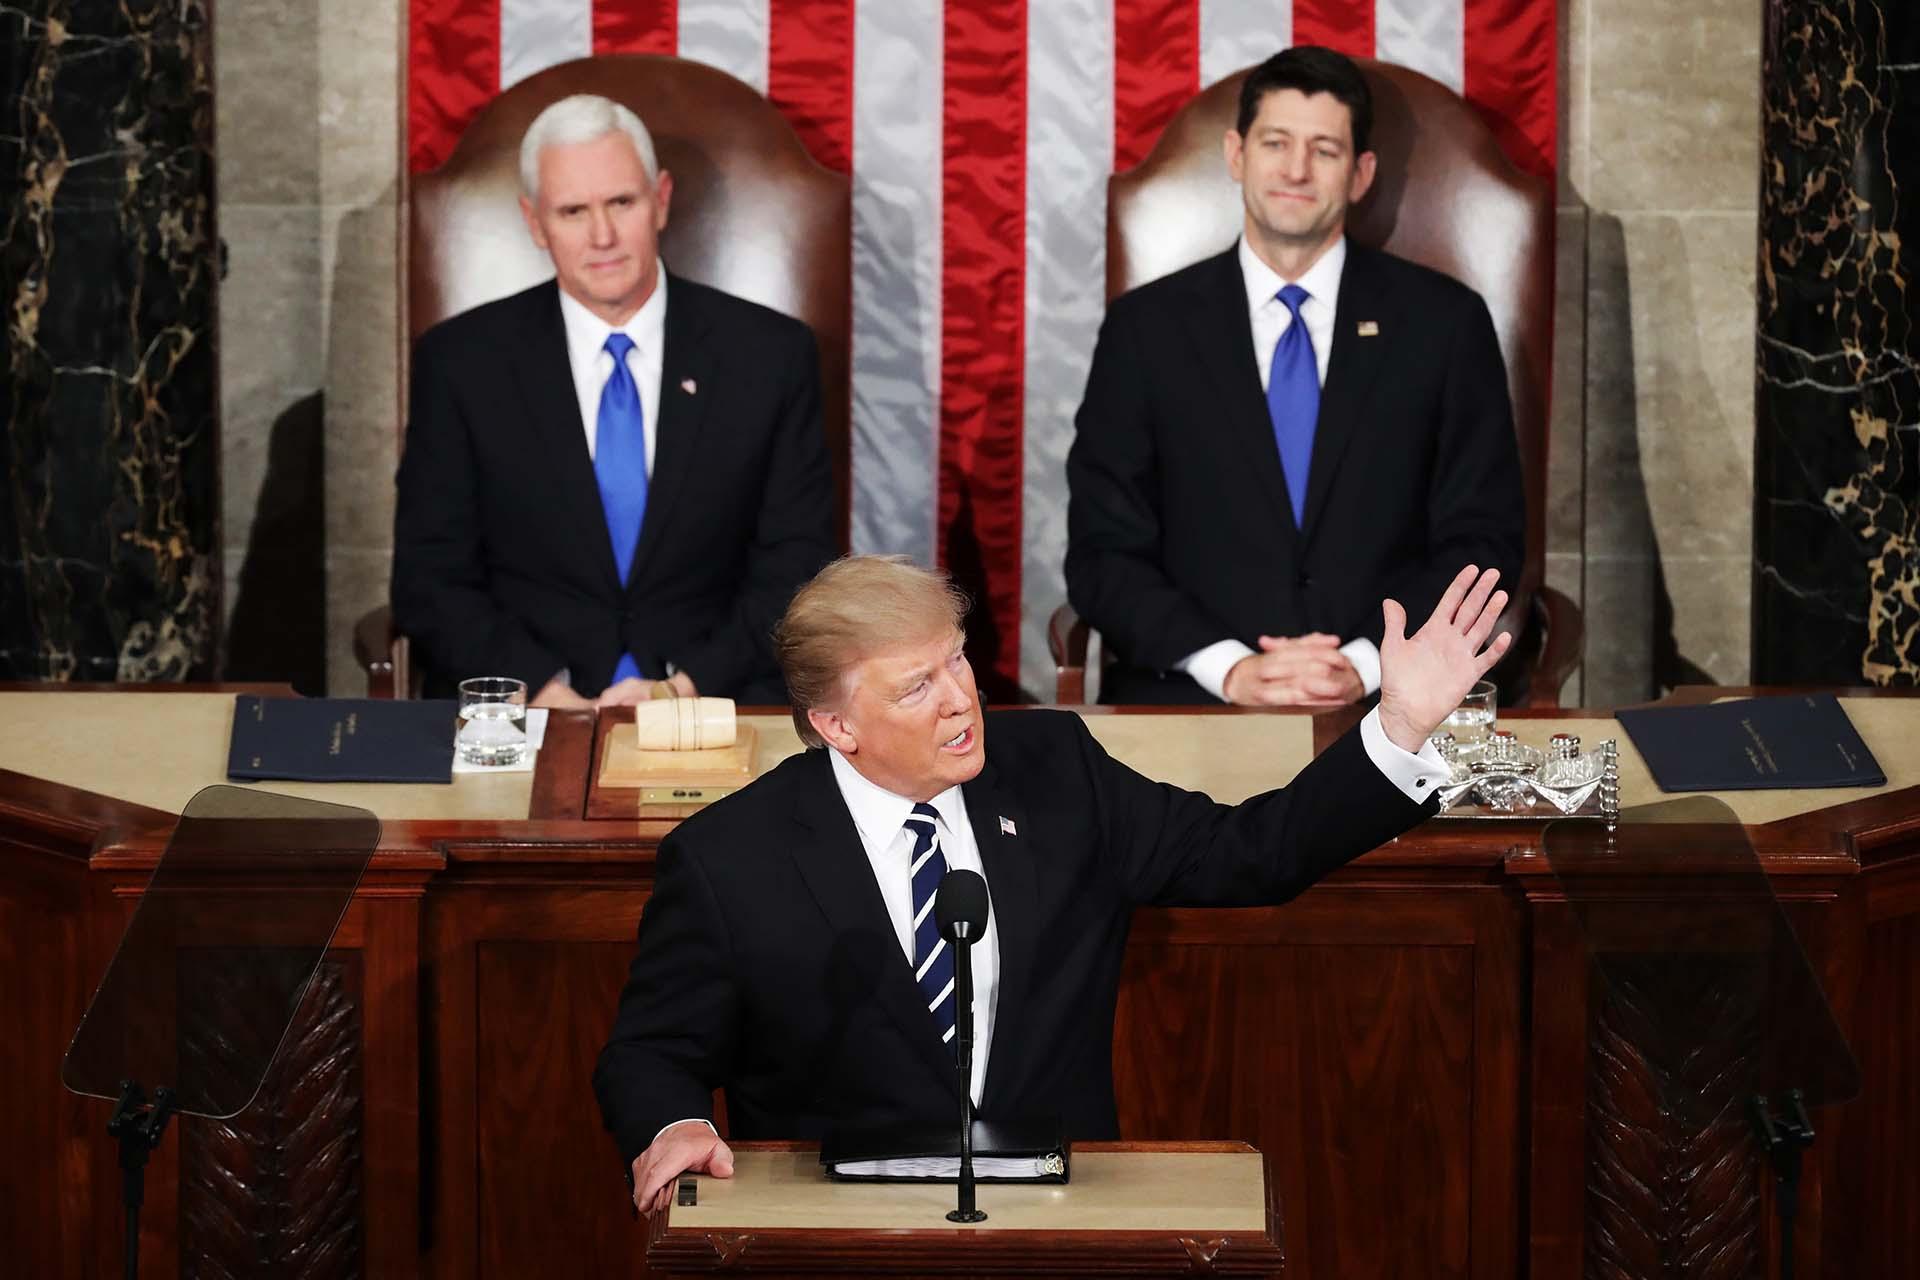 28/2/2017 Donald Trump habla en una sesión conjunta de ambas cámaras del Congreso